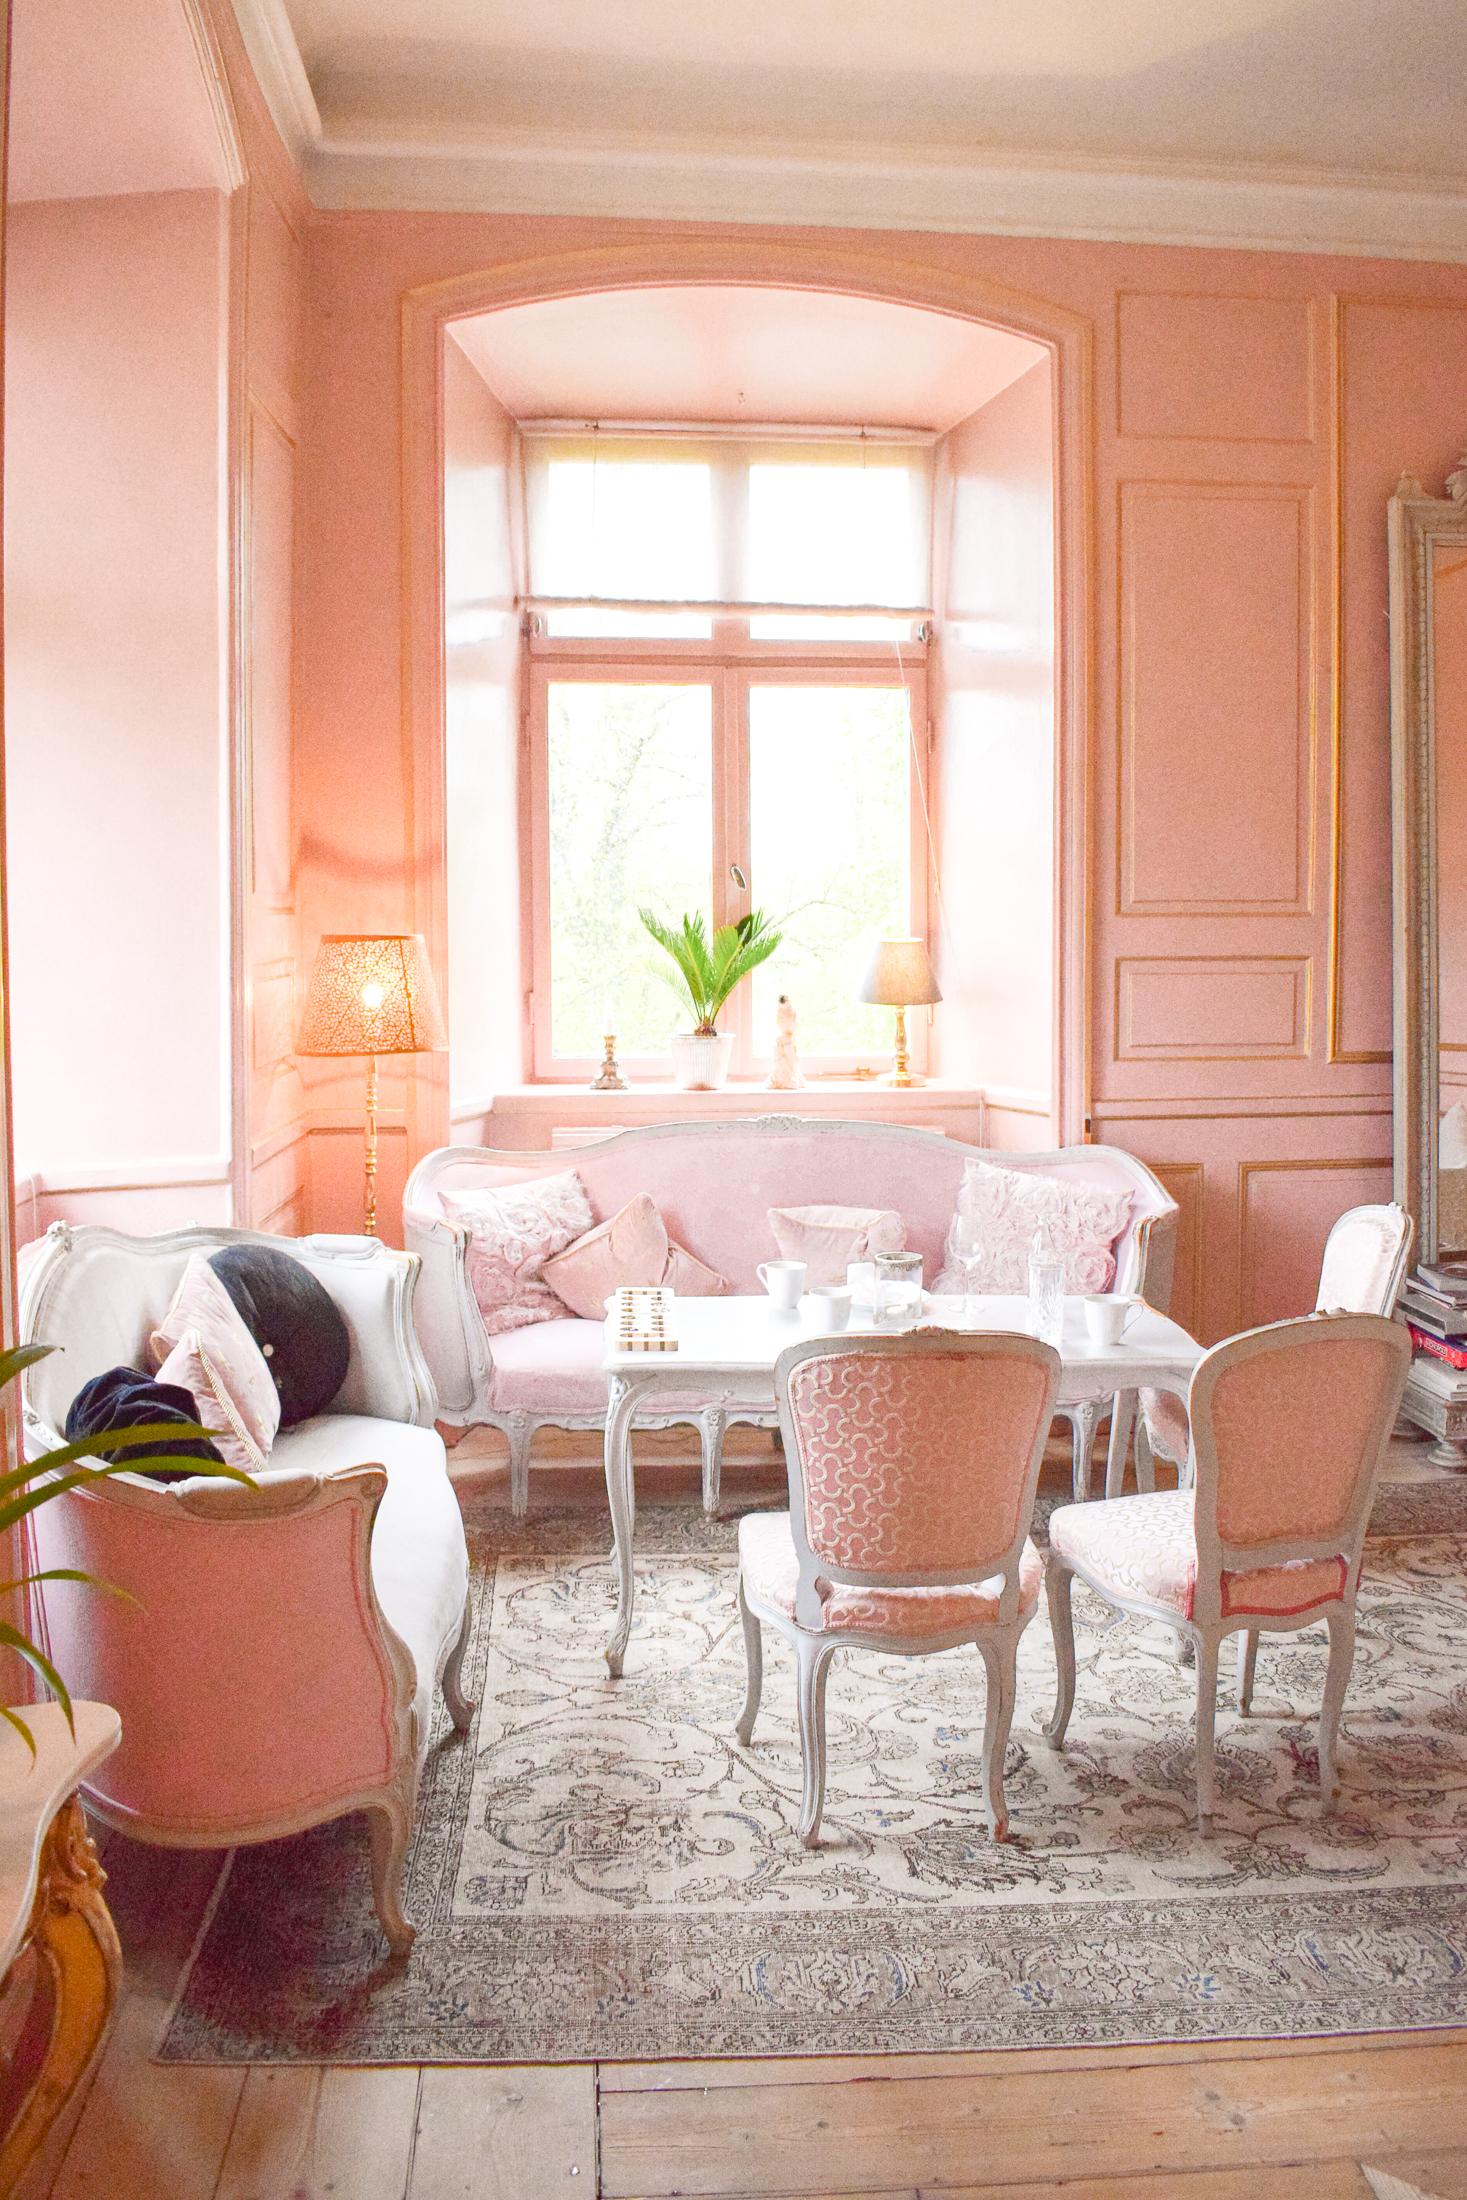 ljusrosa stolar och soffa i rum med ljusrosa väggar.